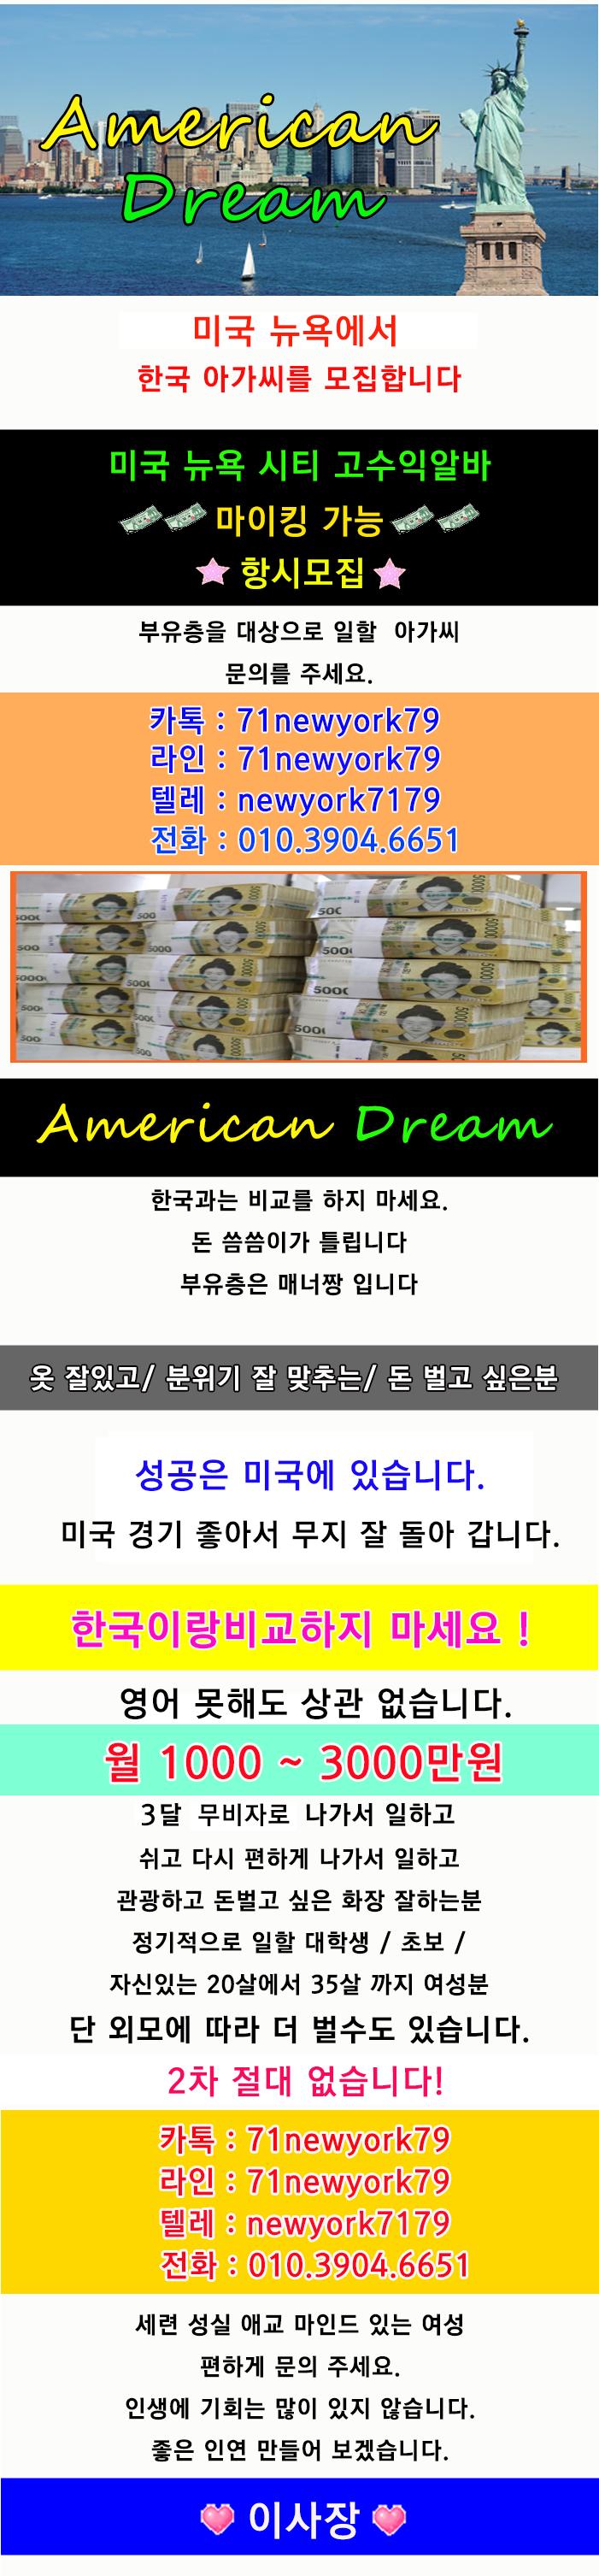 (미국밤알바) 뉴욕 부유층상대 월 1000만원에서 최소 3000보장